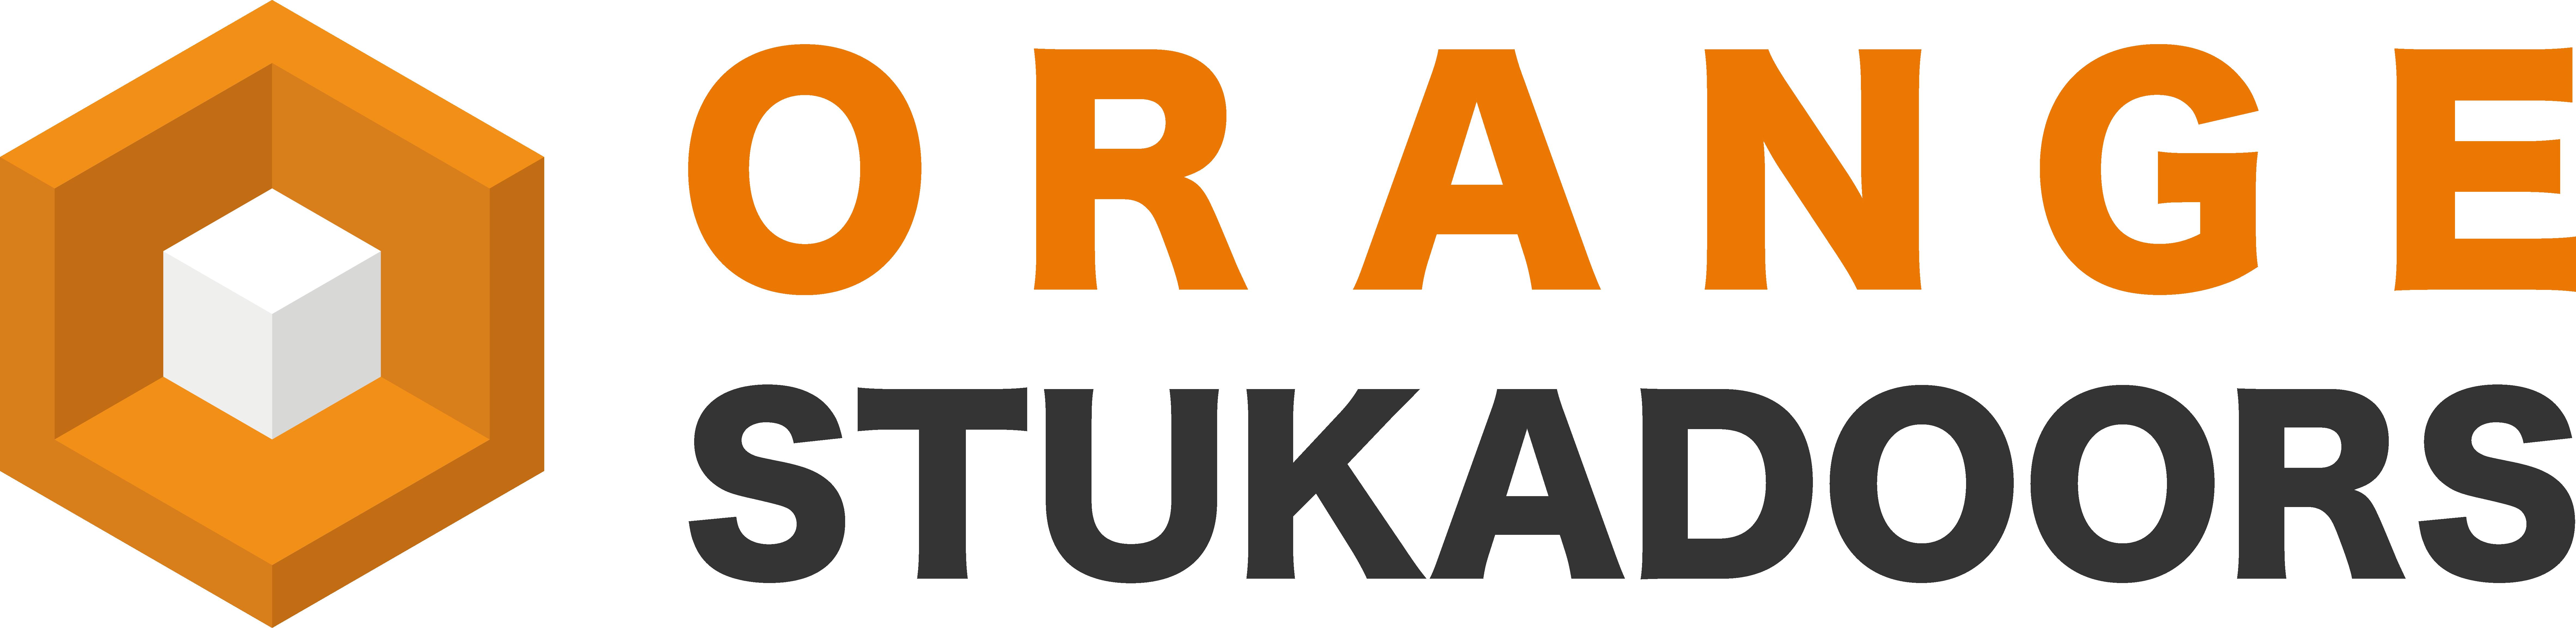 Orange Stukadoors